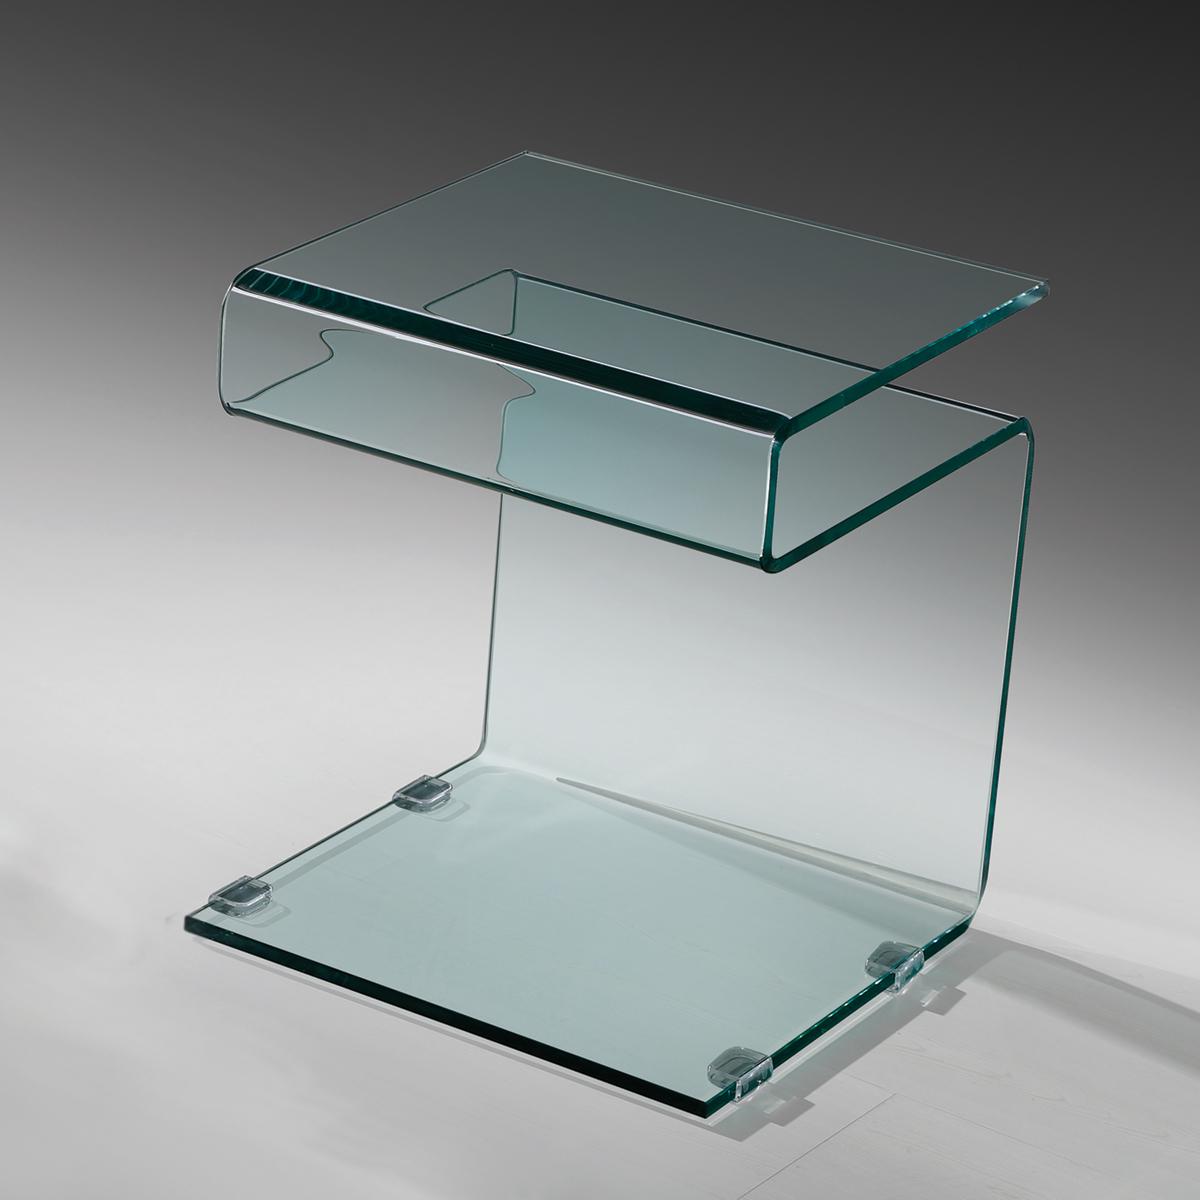 beistelltisch susy mit ablage klarglas glastisch couchtisch nachttisch tisch ebay. Black Bedroom Furniture Sets. Home Design Ideas